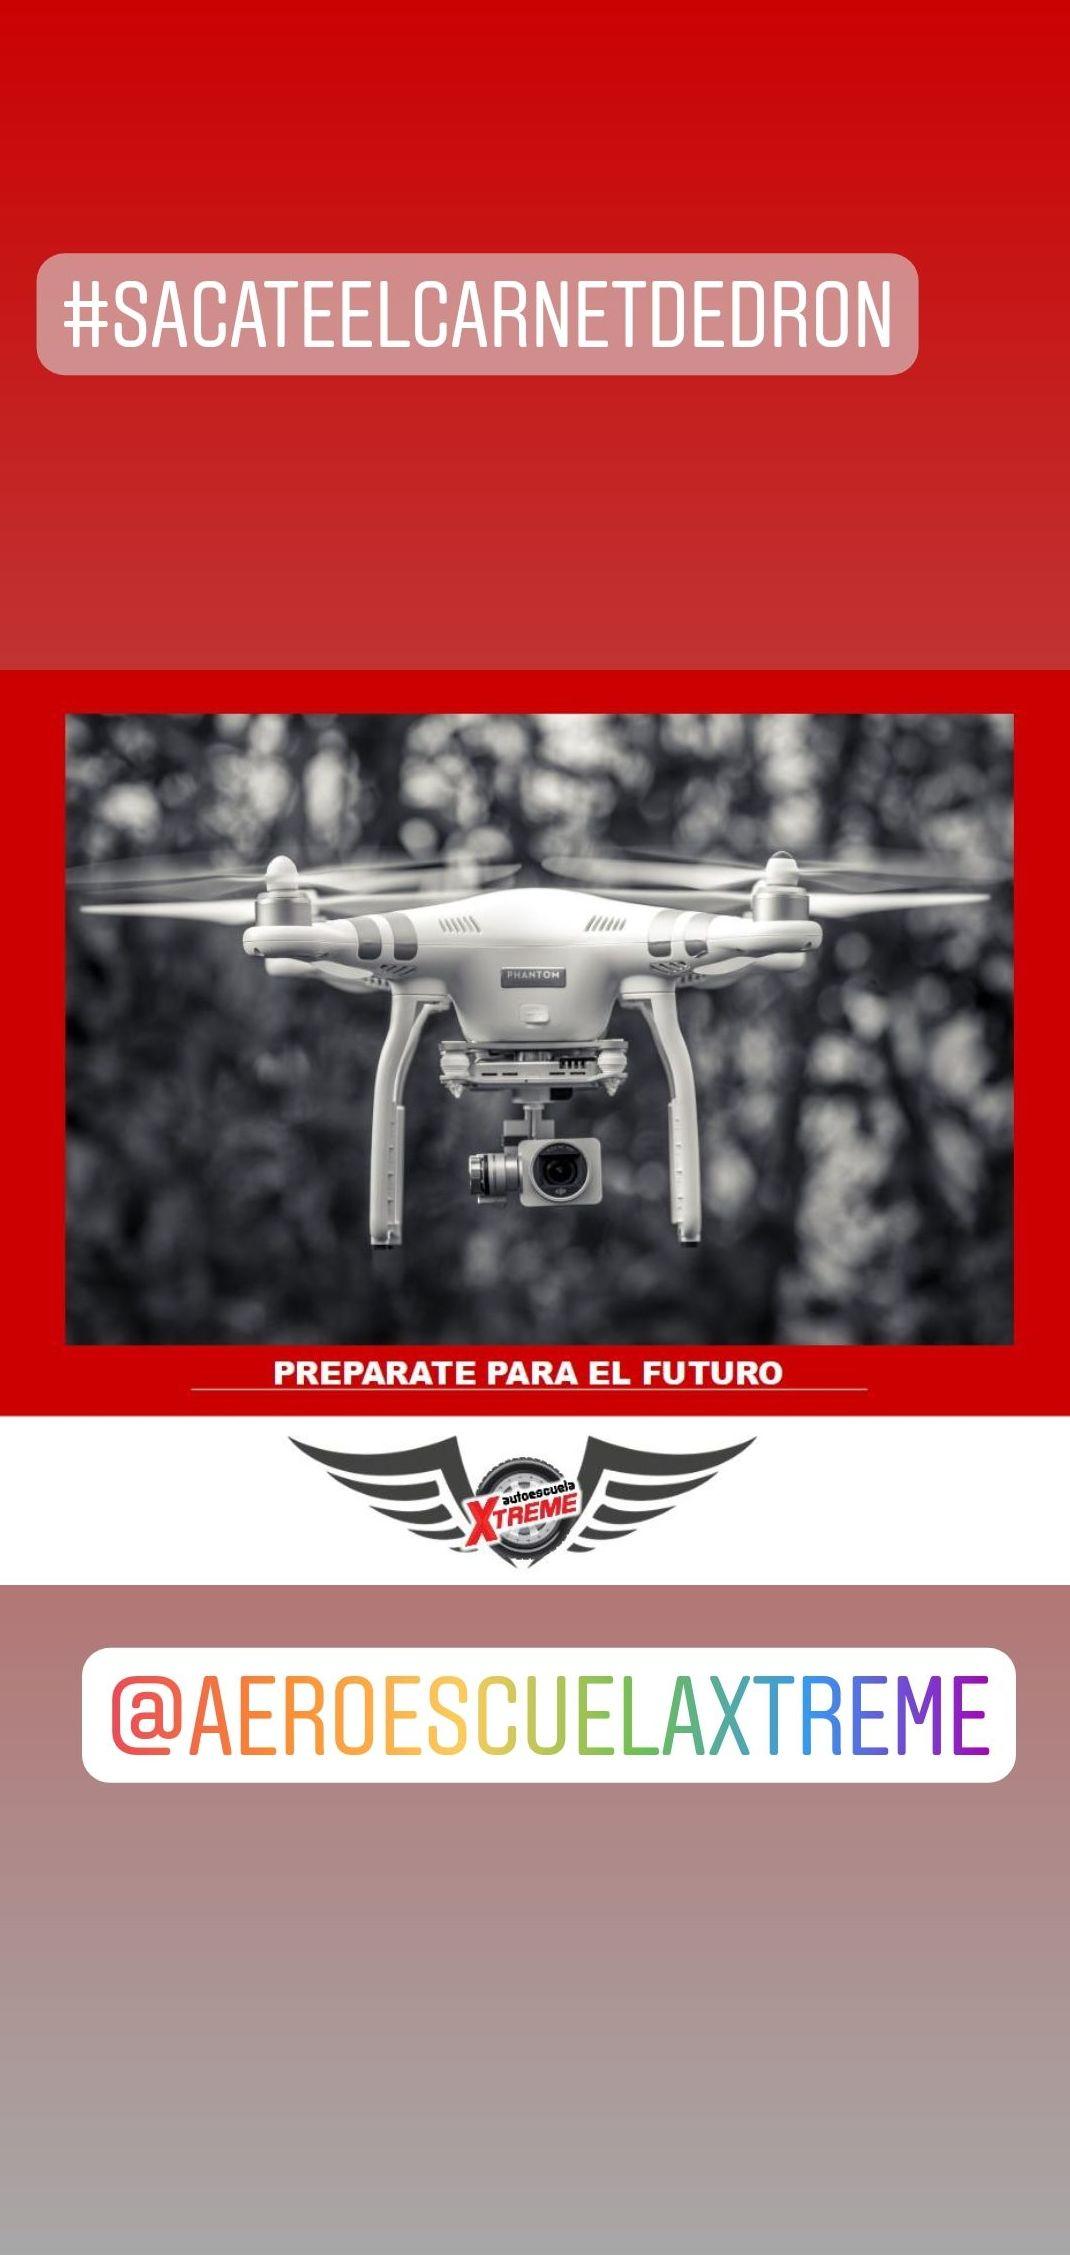 carnet de dron en Madrid centro